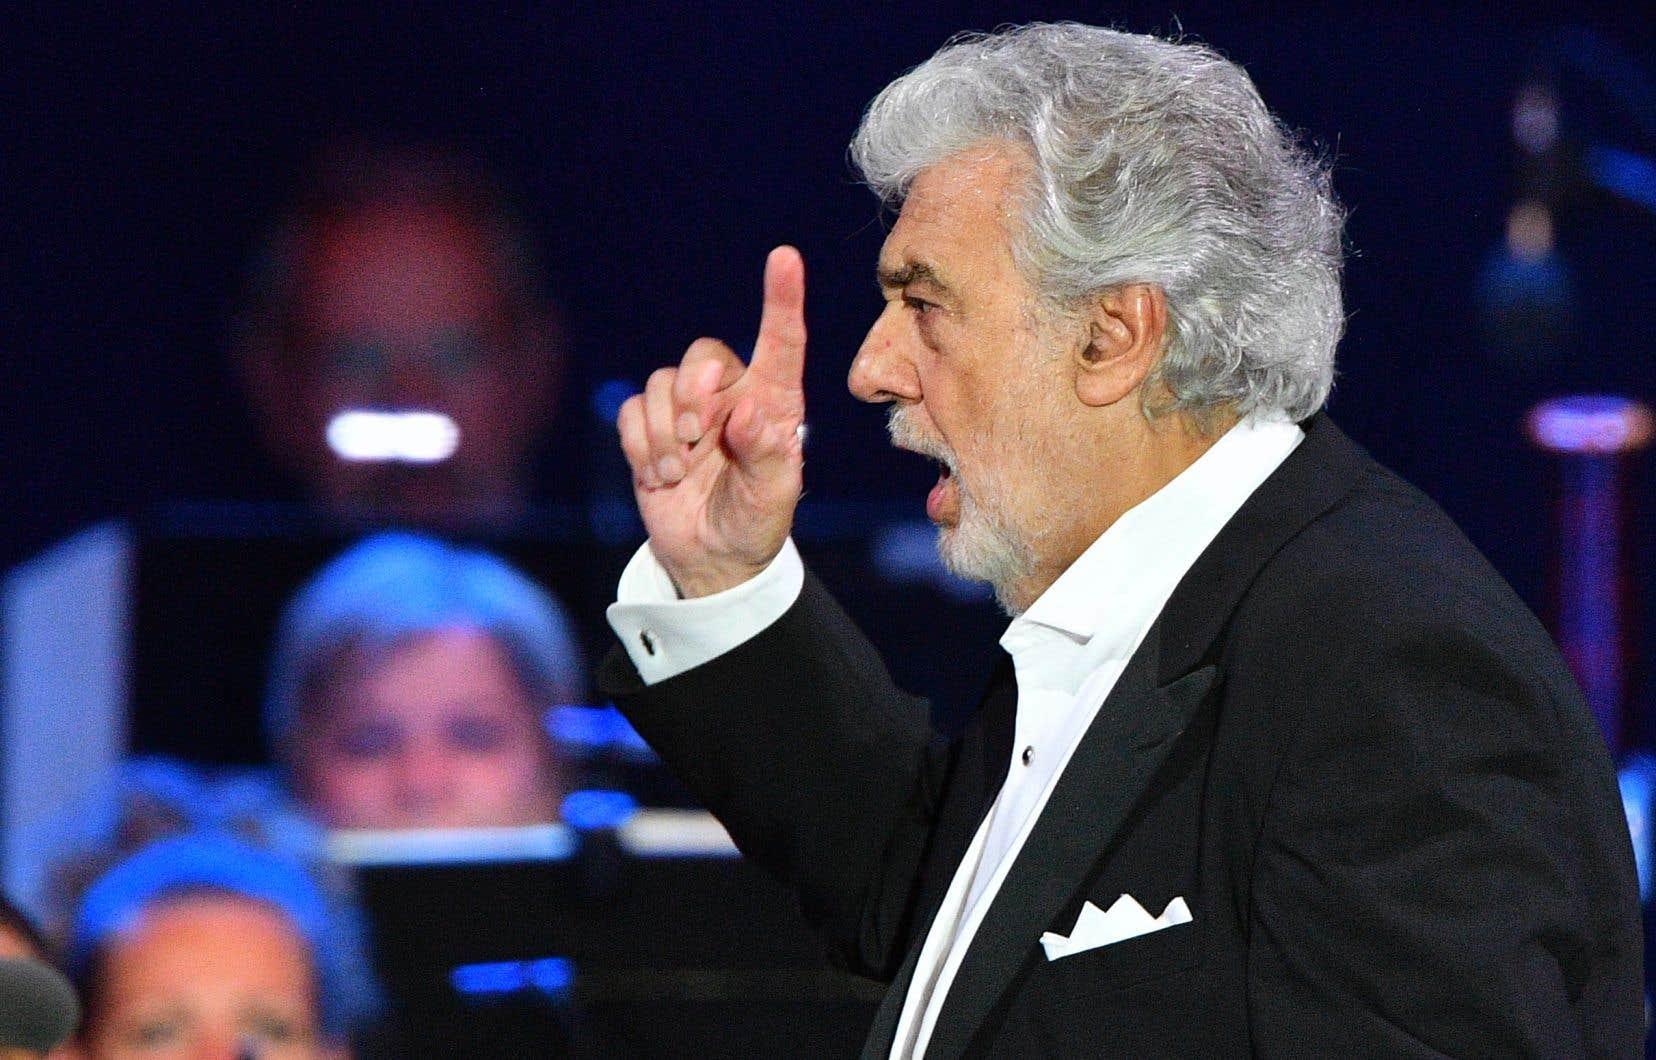 L'opéra a indiqué jeudi que l'événement a été retiré de l'horaire en raison «des développements en cours au sujet des allégations» contre Placido Domingo.